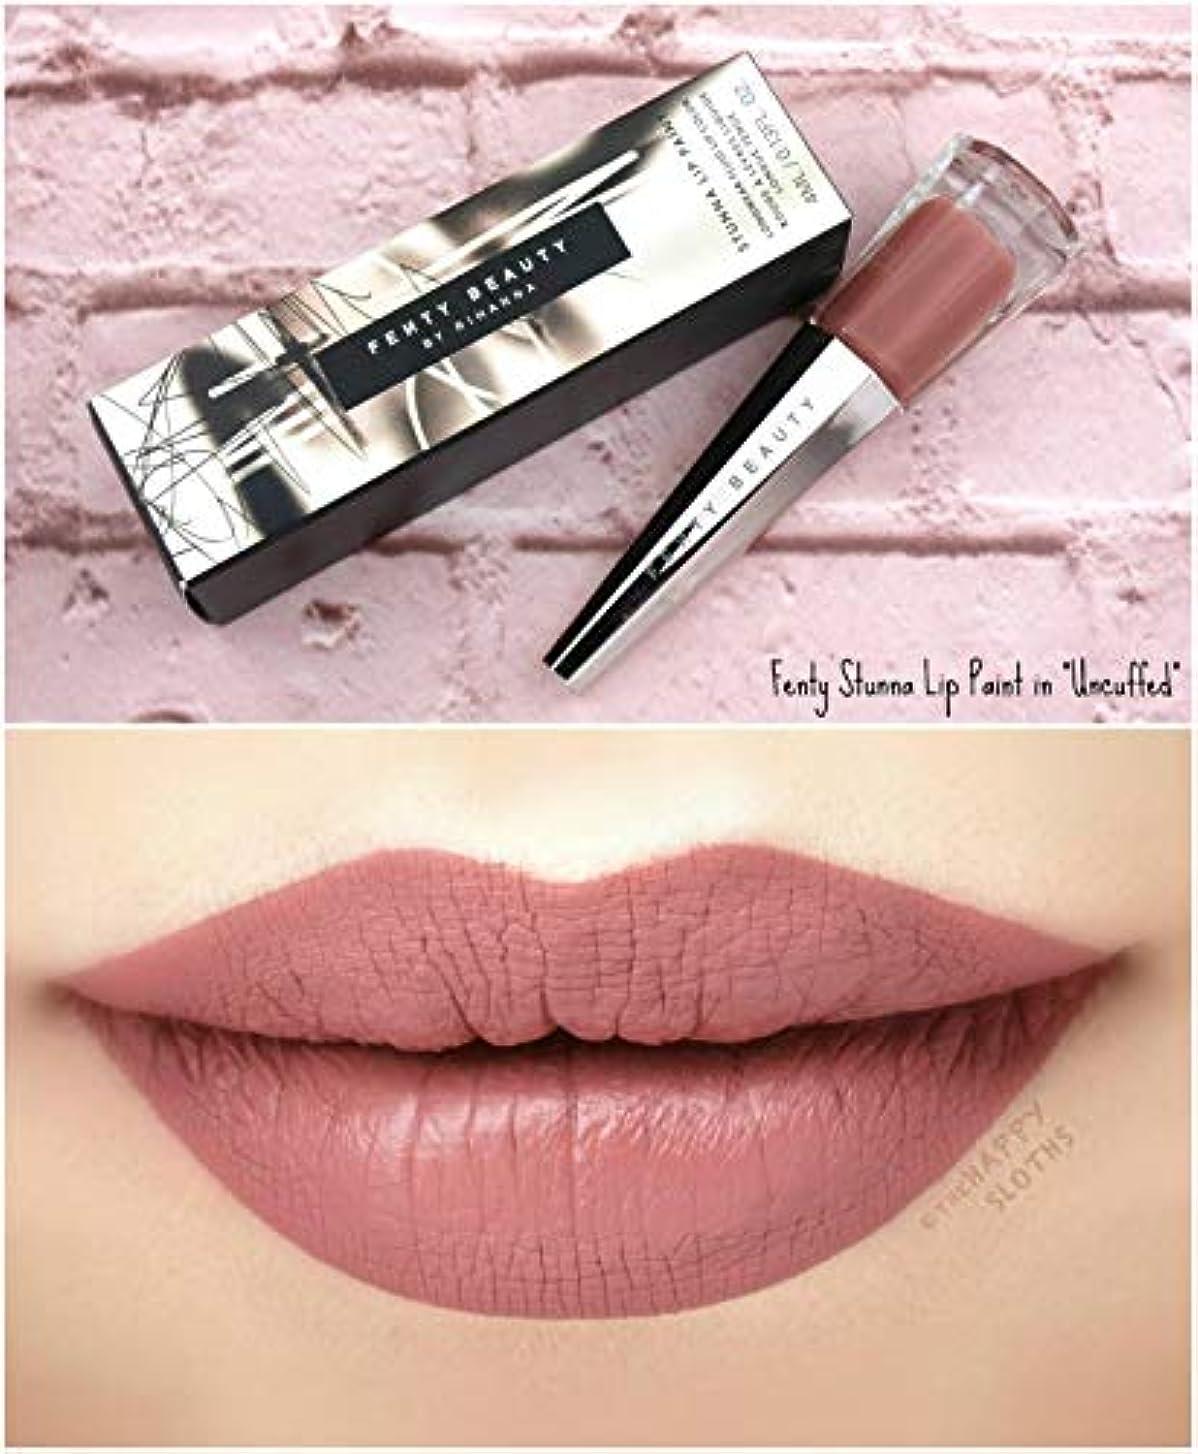 振り向くプラスメタルラインFENTY BEAUTY BY RIHANNA Stunna Lip Paint Longwear Fluid Lip Color リップ リアーナ フェンティビューティ (Uncuffed - rosy mauve)